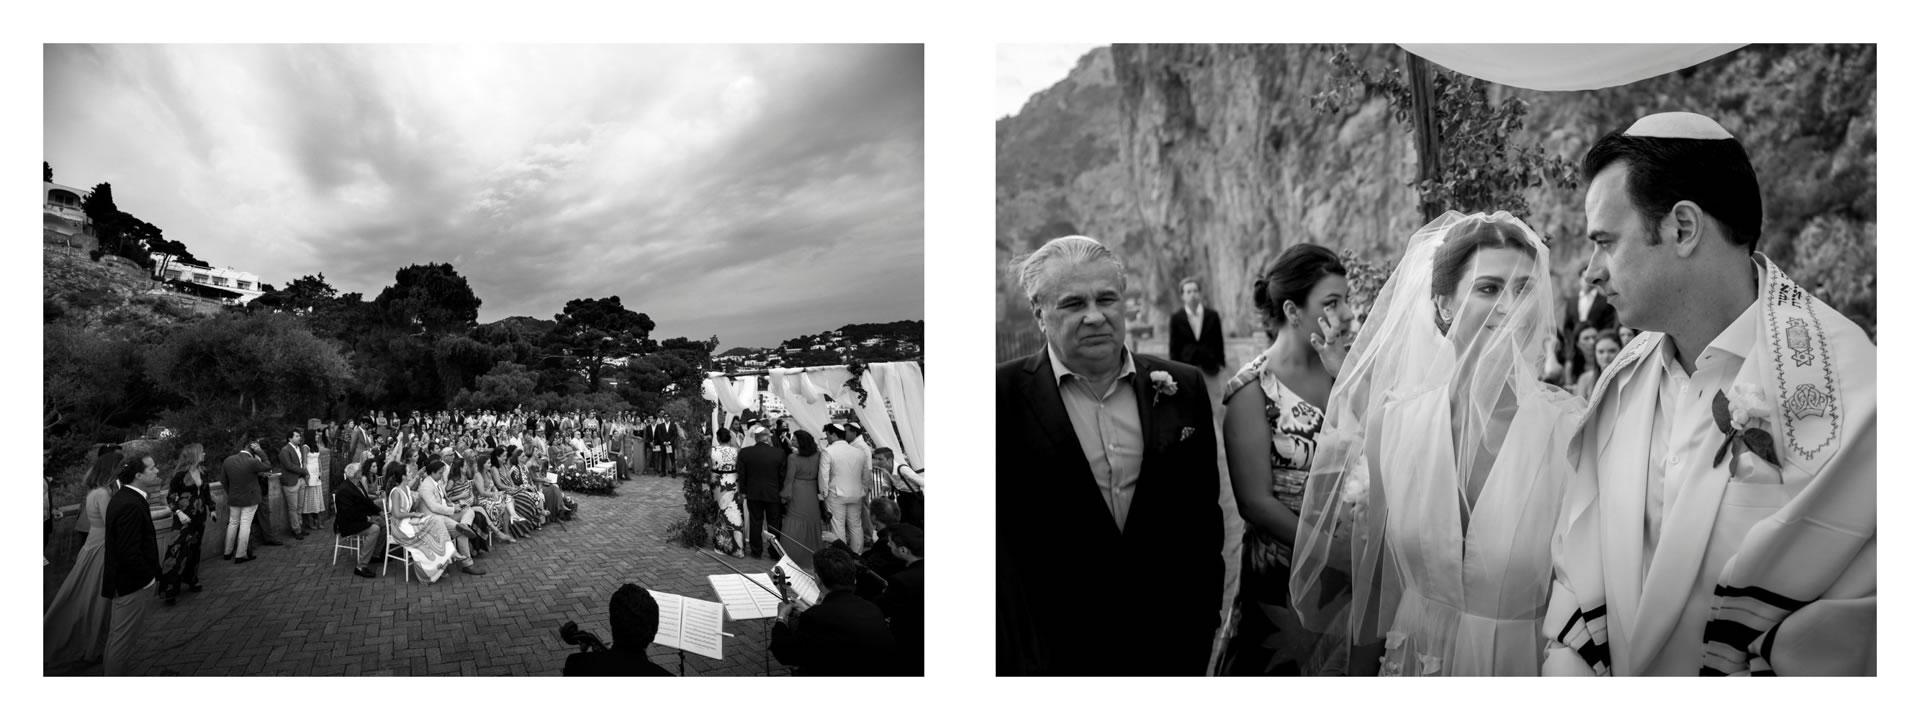 - 34 :: Jewish luxury wedding weekend in Capri :: Luxury wedding photography - 33 ::  - 34